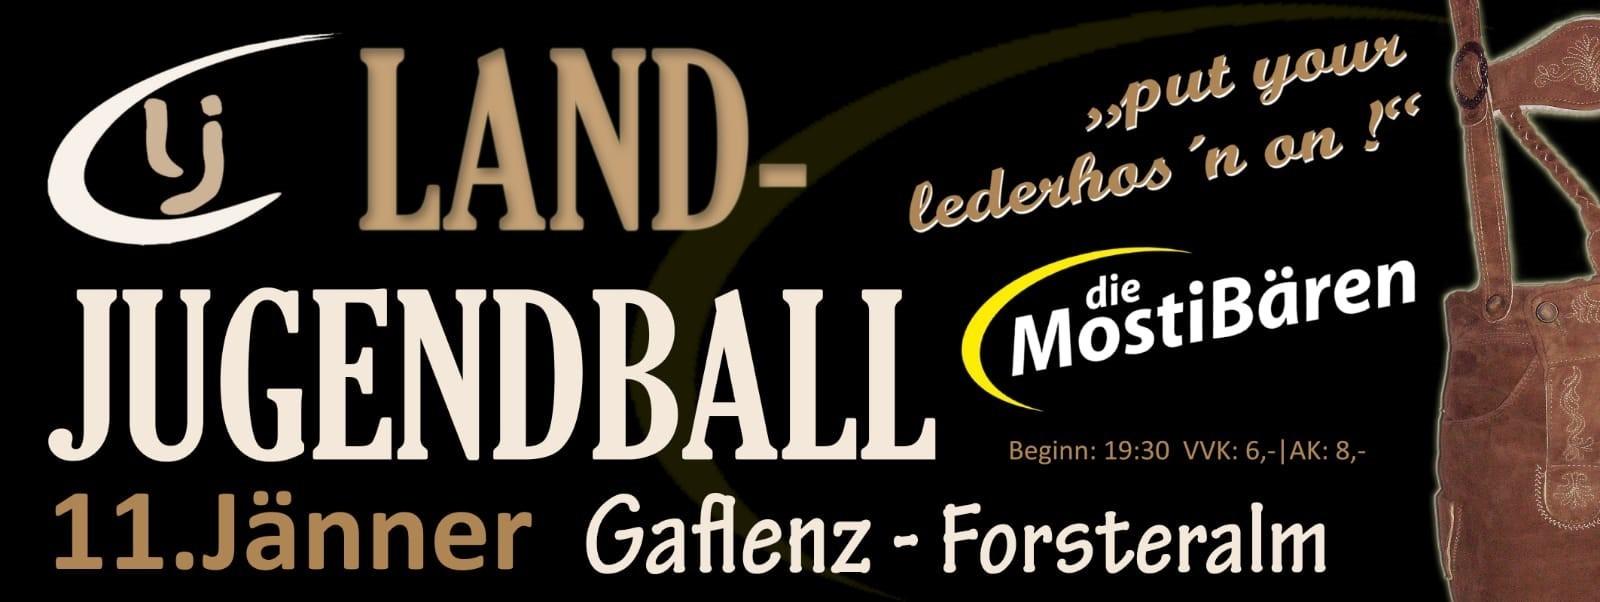 Jugendball.jpg